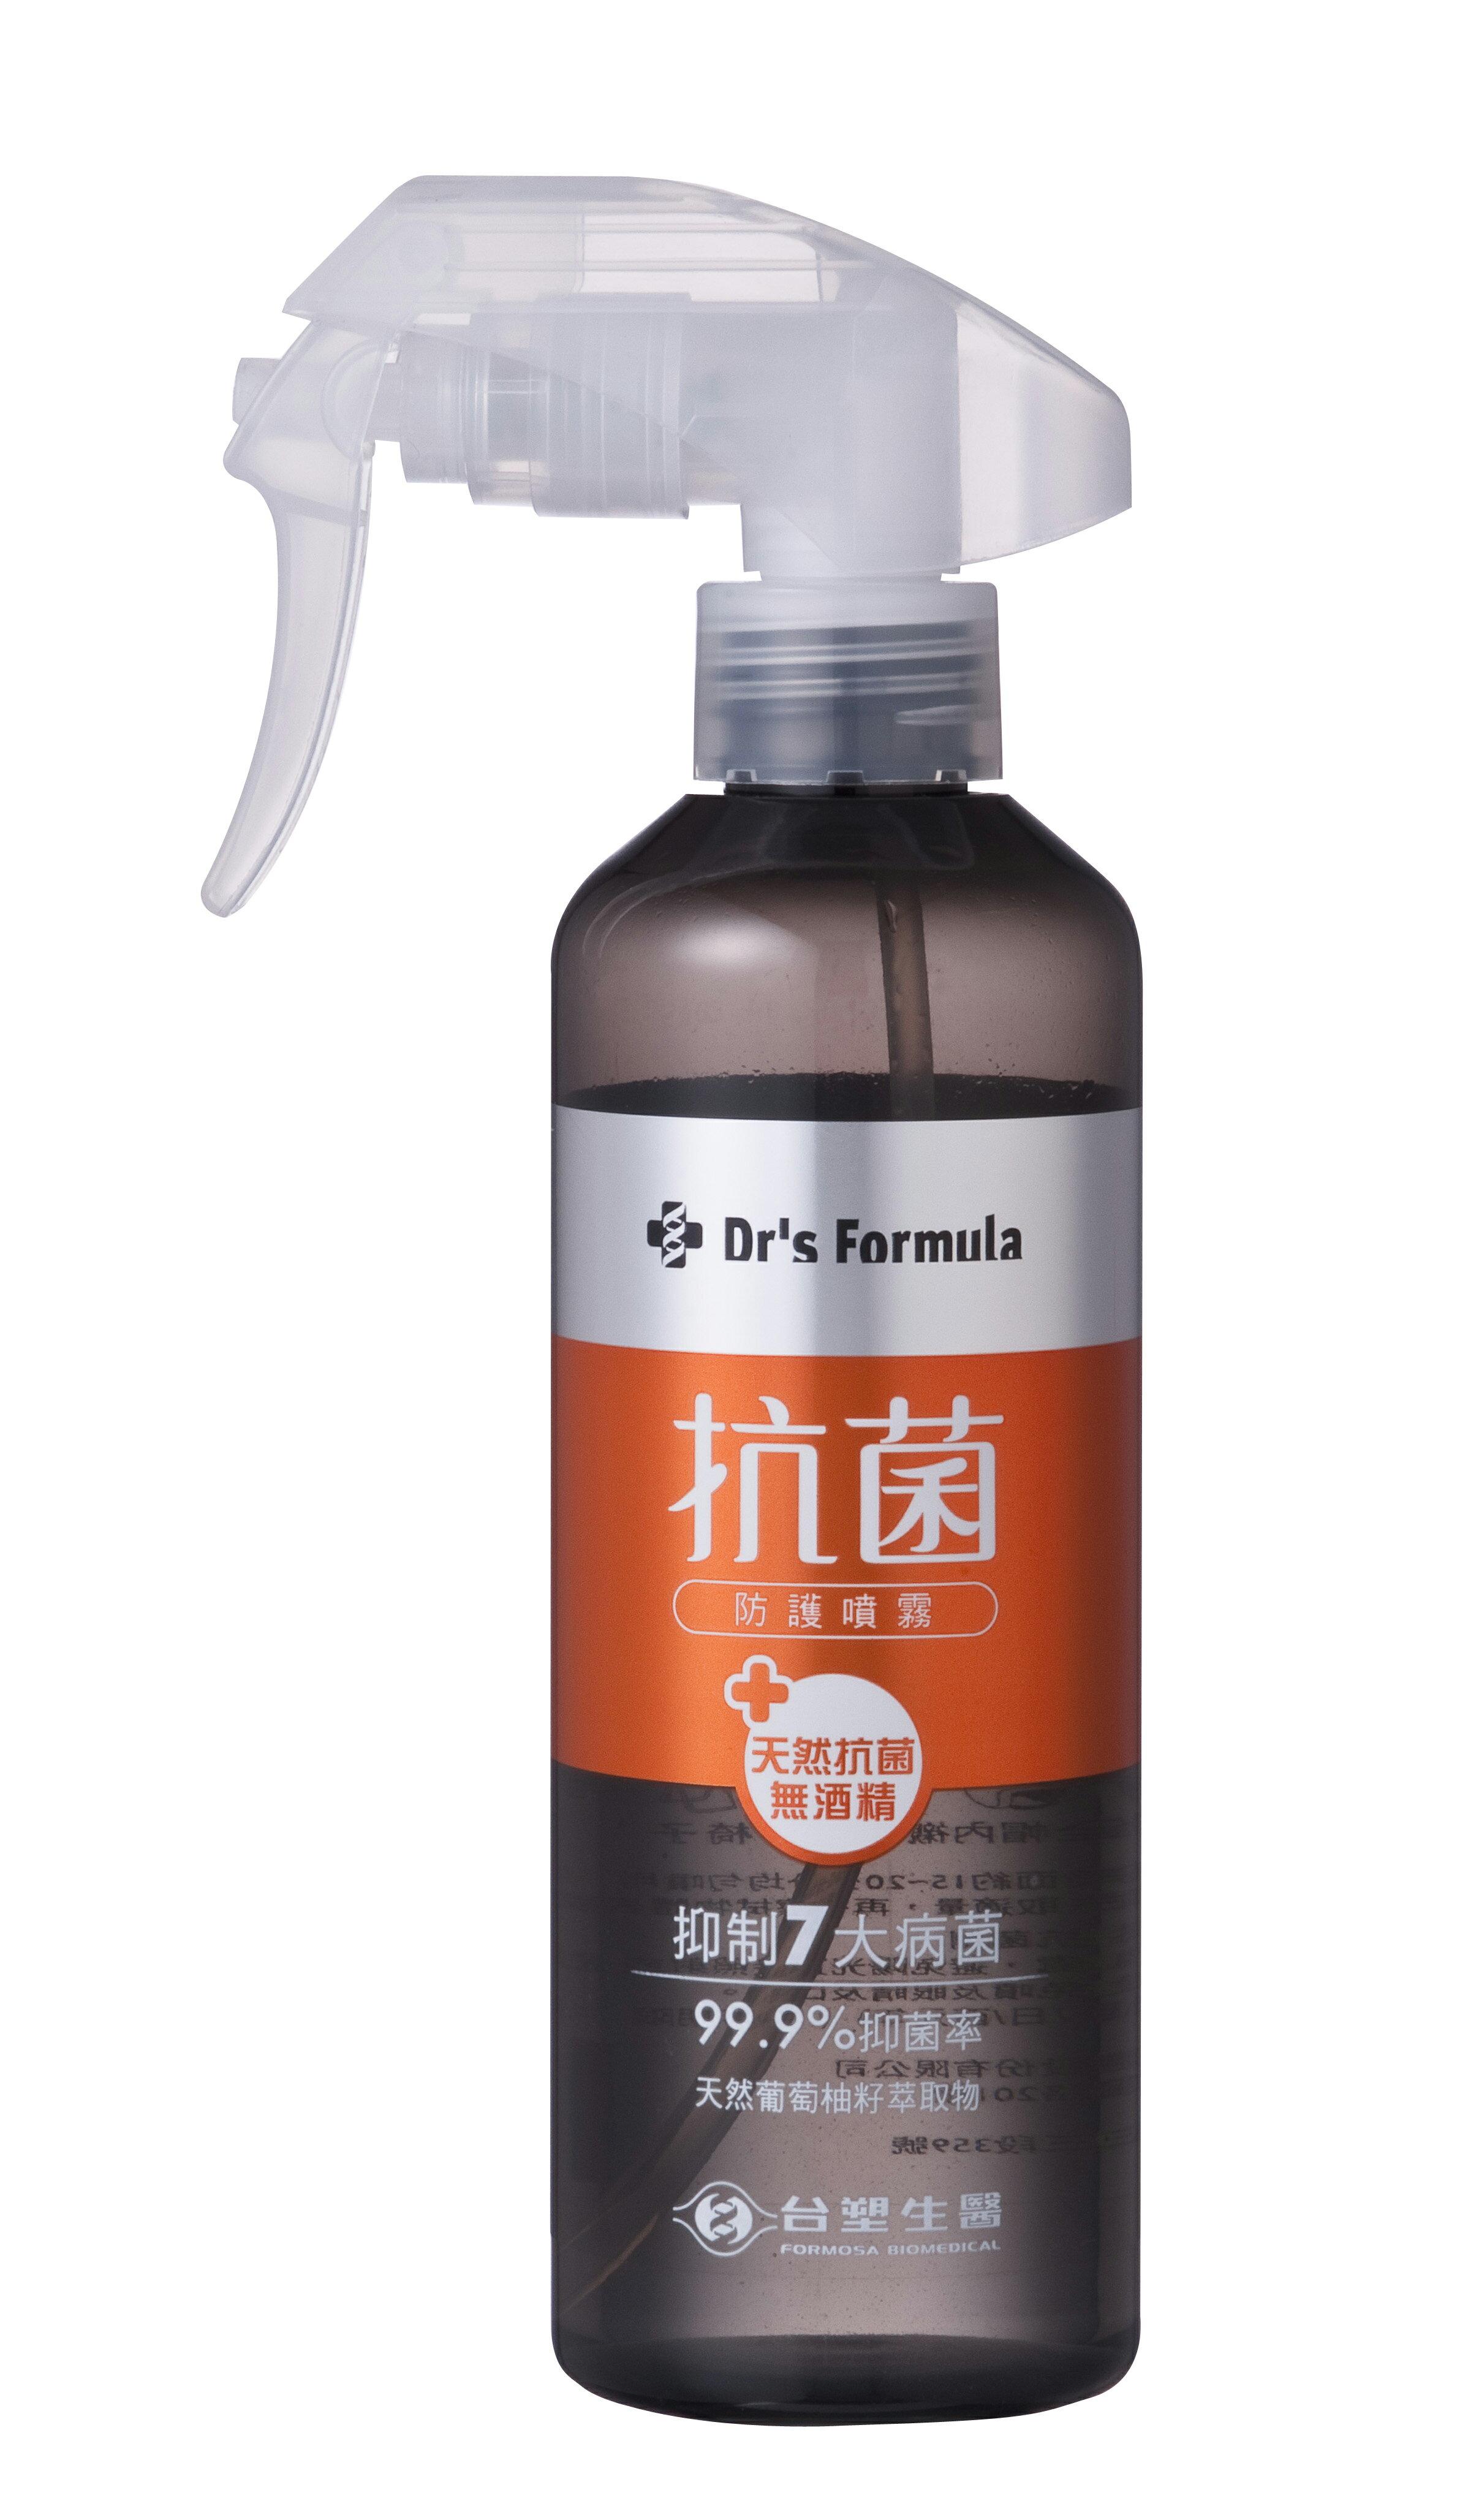 【購購購】台塑生醫 抗菌防護噴霧255ml【居家瓶】